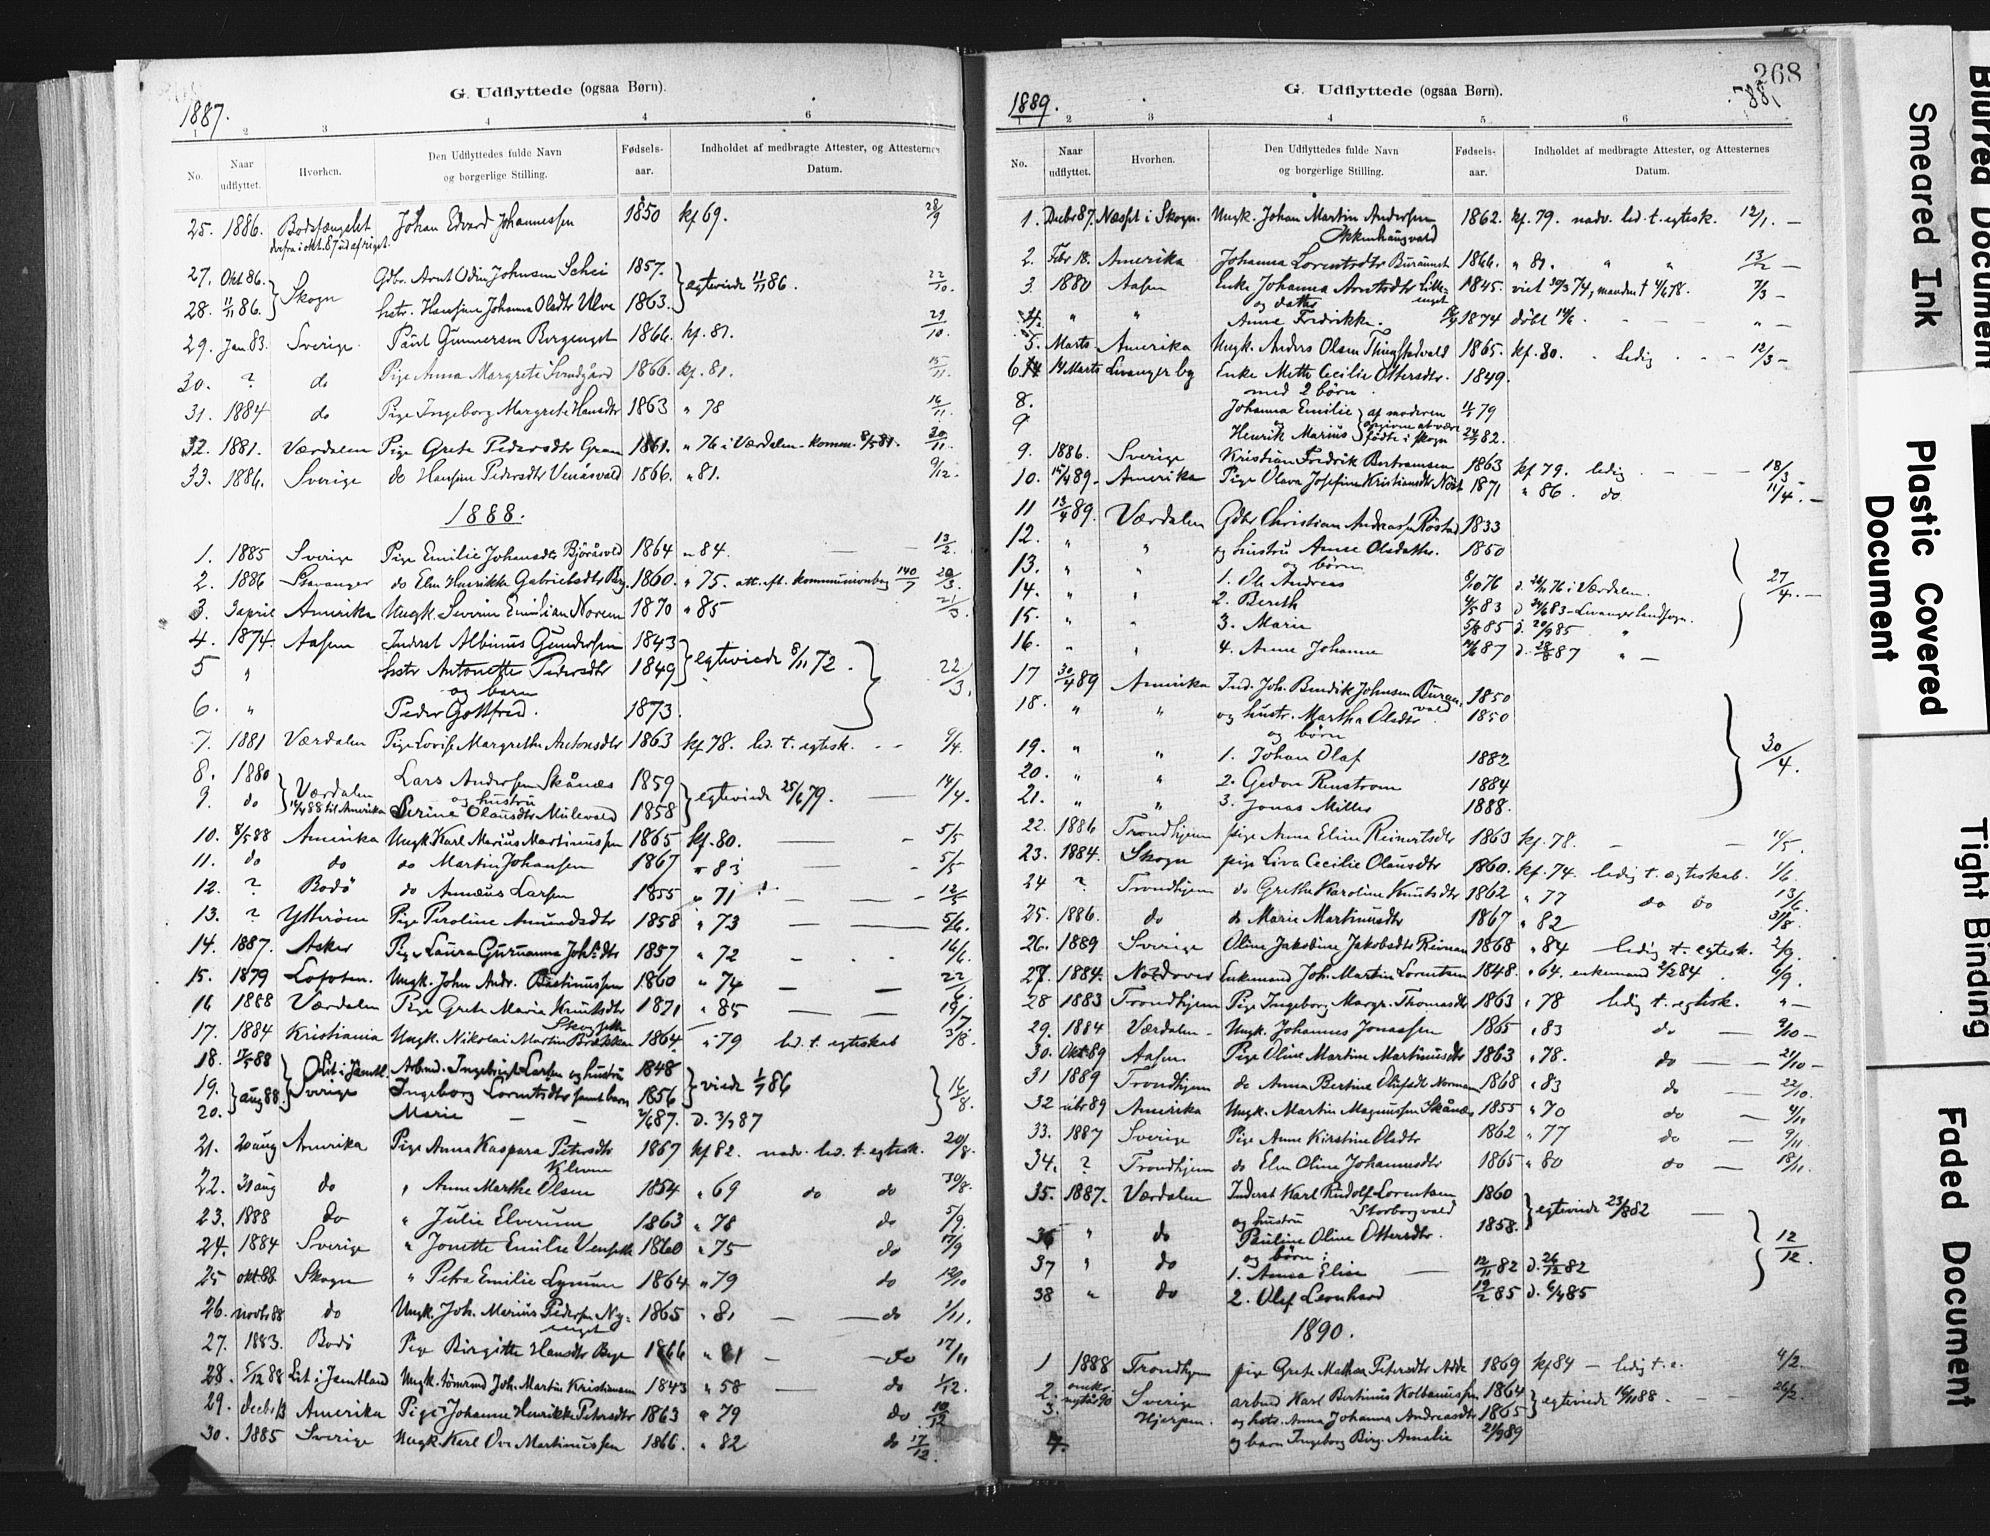 SAT, Ministerialprotokoller, klokkerbøker og fødselsregistre - Nord-Trøndelag, 721/L0207: Ministerialbok nr. 721A02, 1880-1911, s. 268